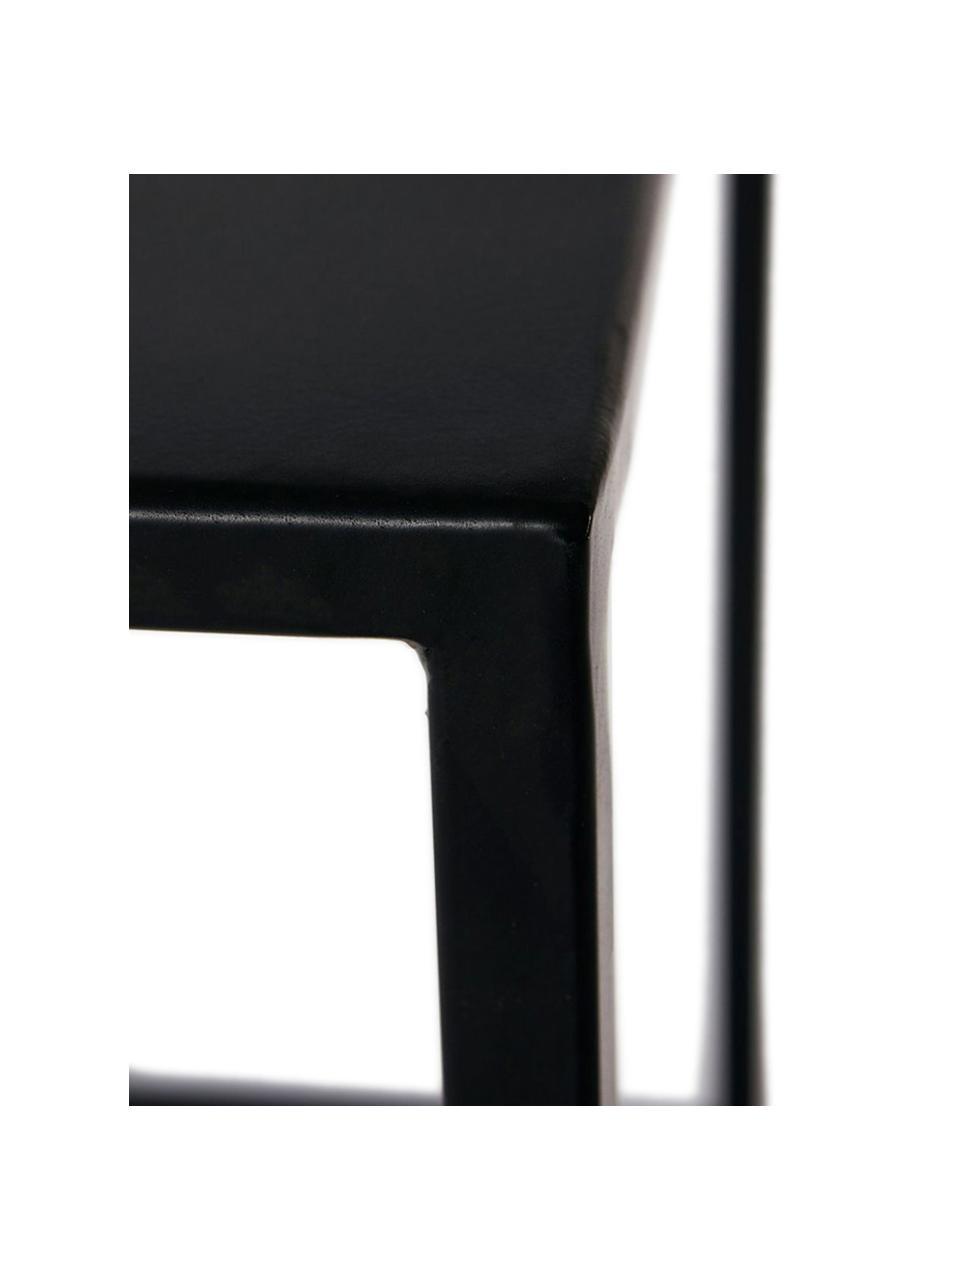 Großer Couchtisch Tikota in Schwarz, Metall, pulverbeschichtet, Schwarz, 100 x 32 cm